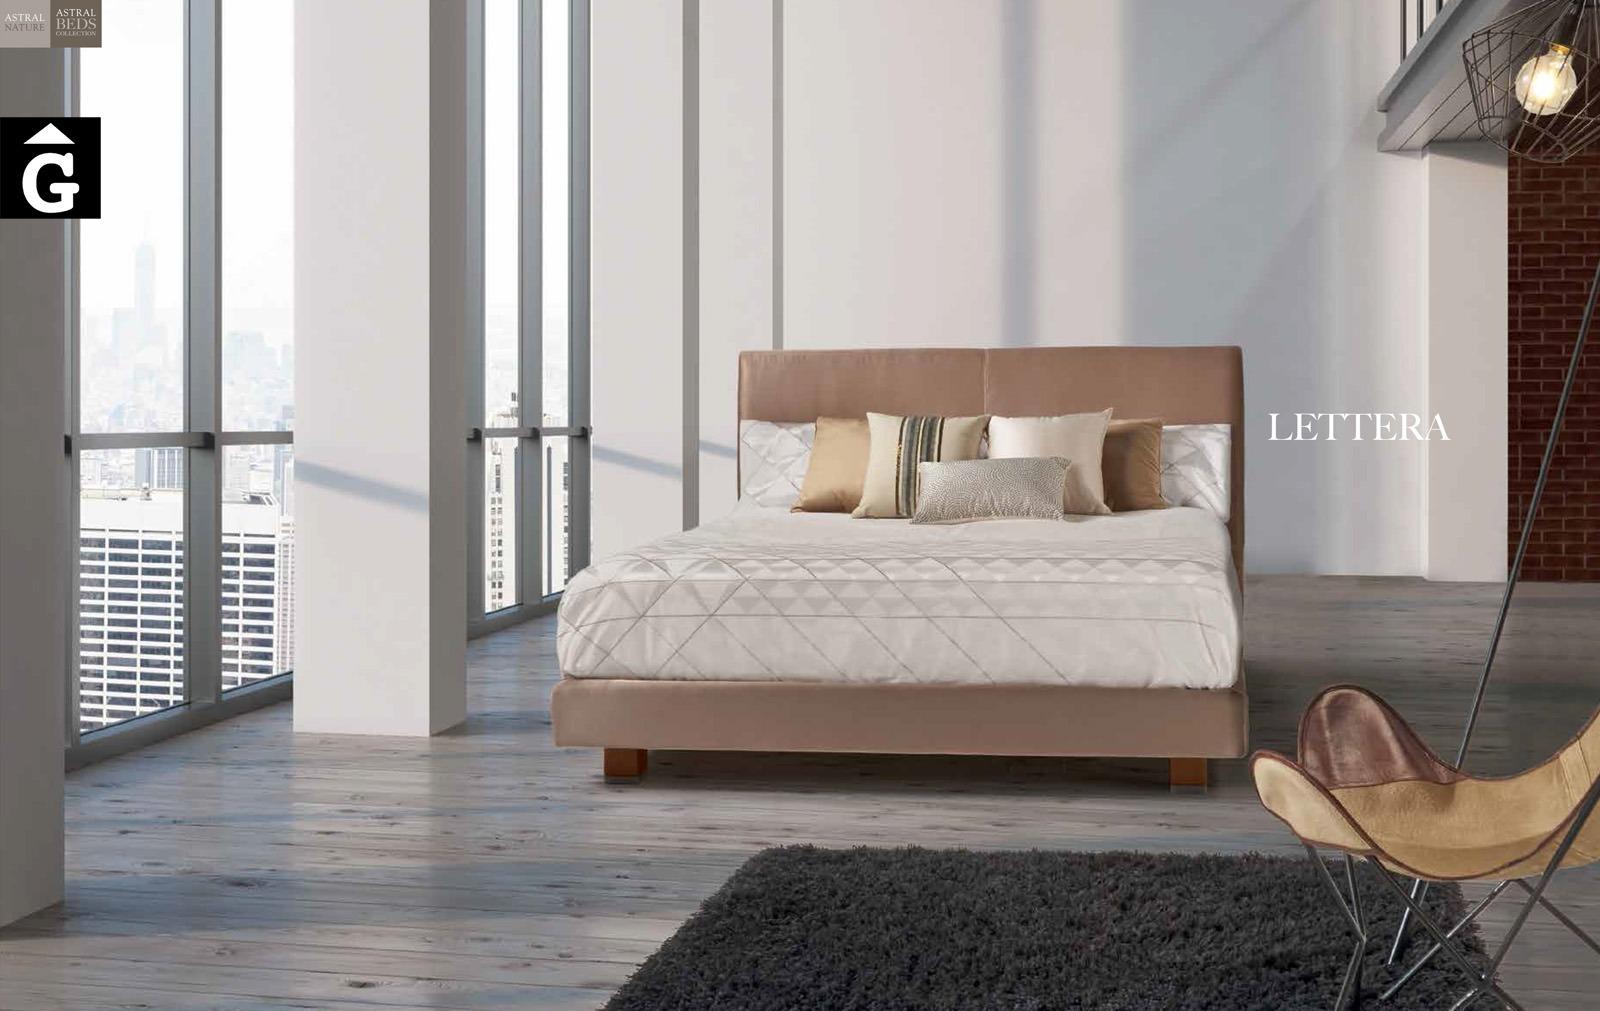 Lettera llit entapissat Beds Astral Nature descans qualitat natural i salut junts per mobles Gifreu